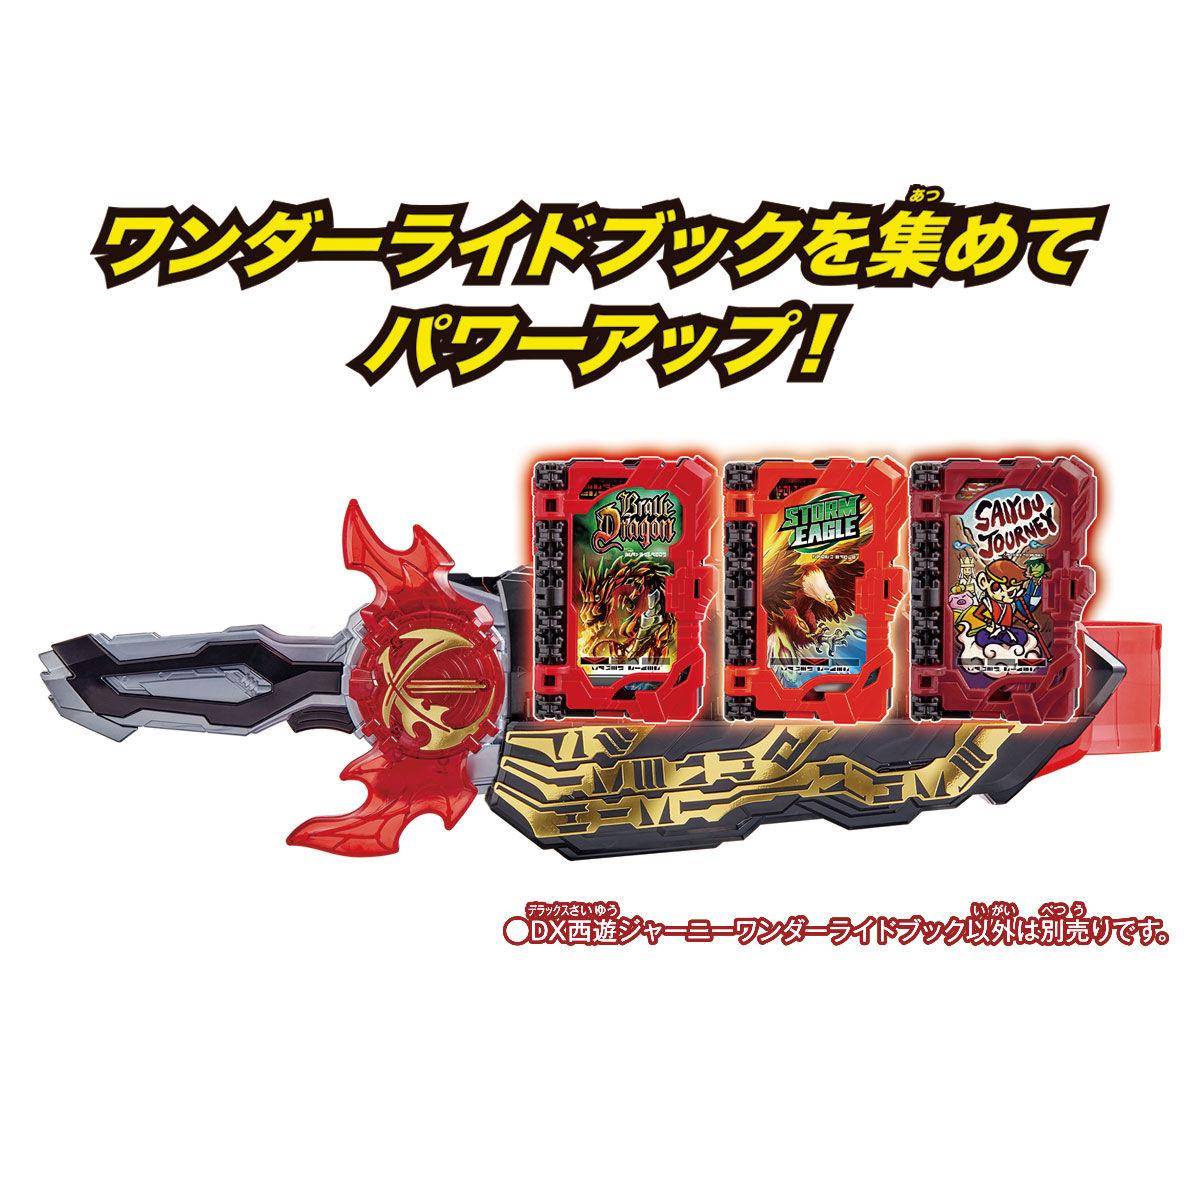 仮面ライダーセイバー『DX西遊ジャーニーワンダーライドブック』変身なりきり-006